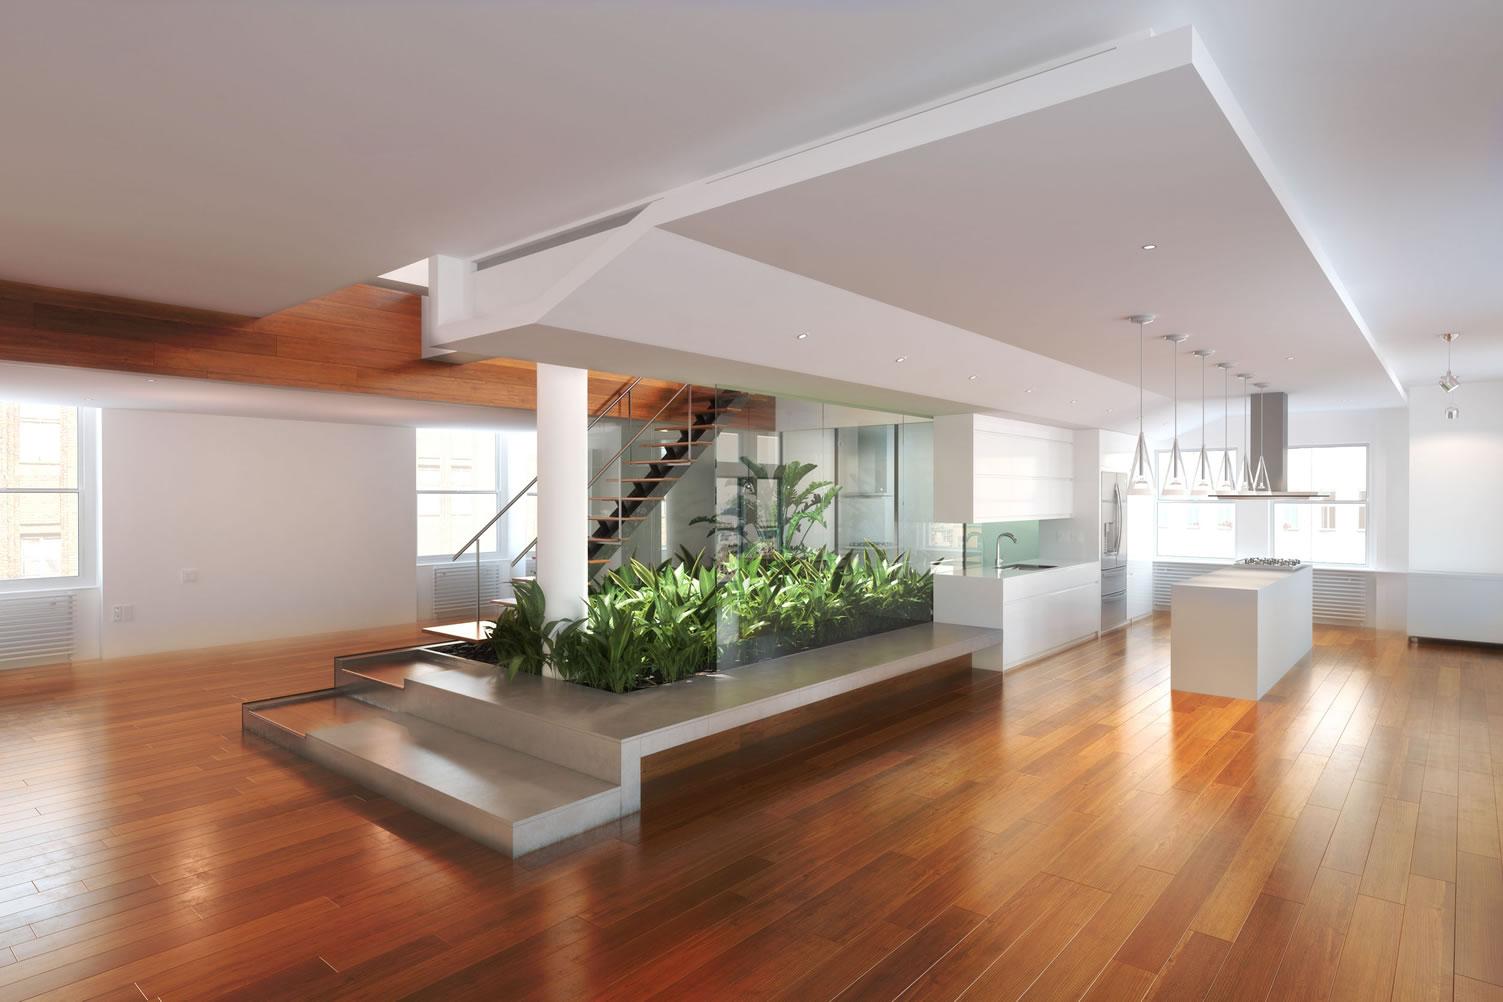 home atrium